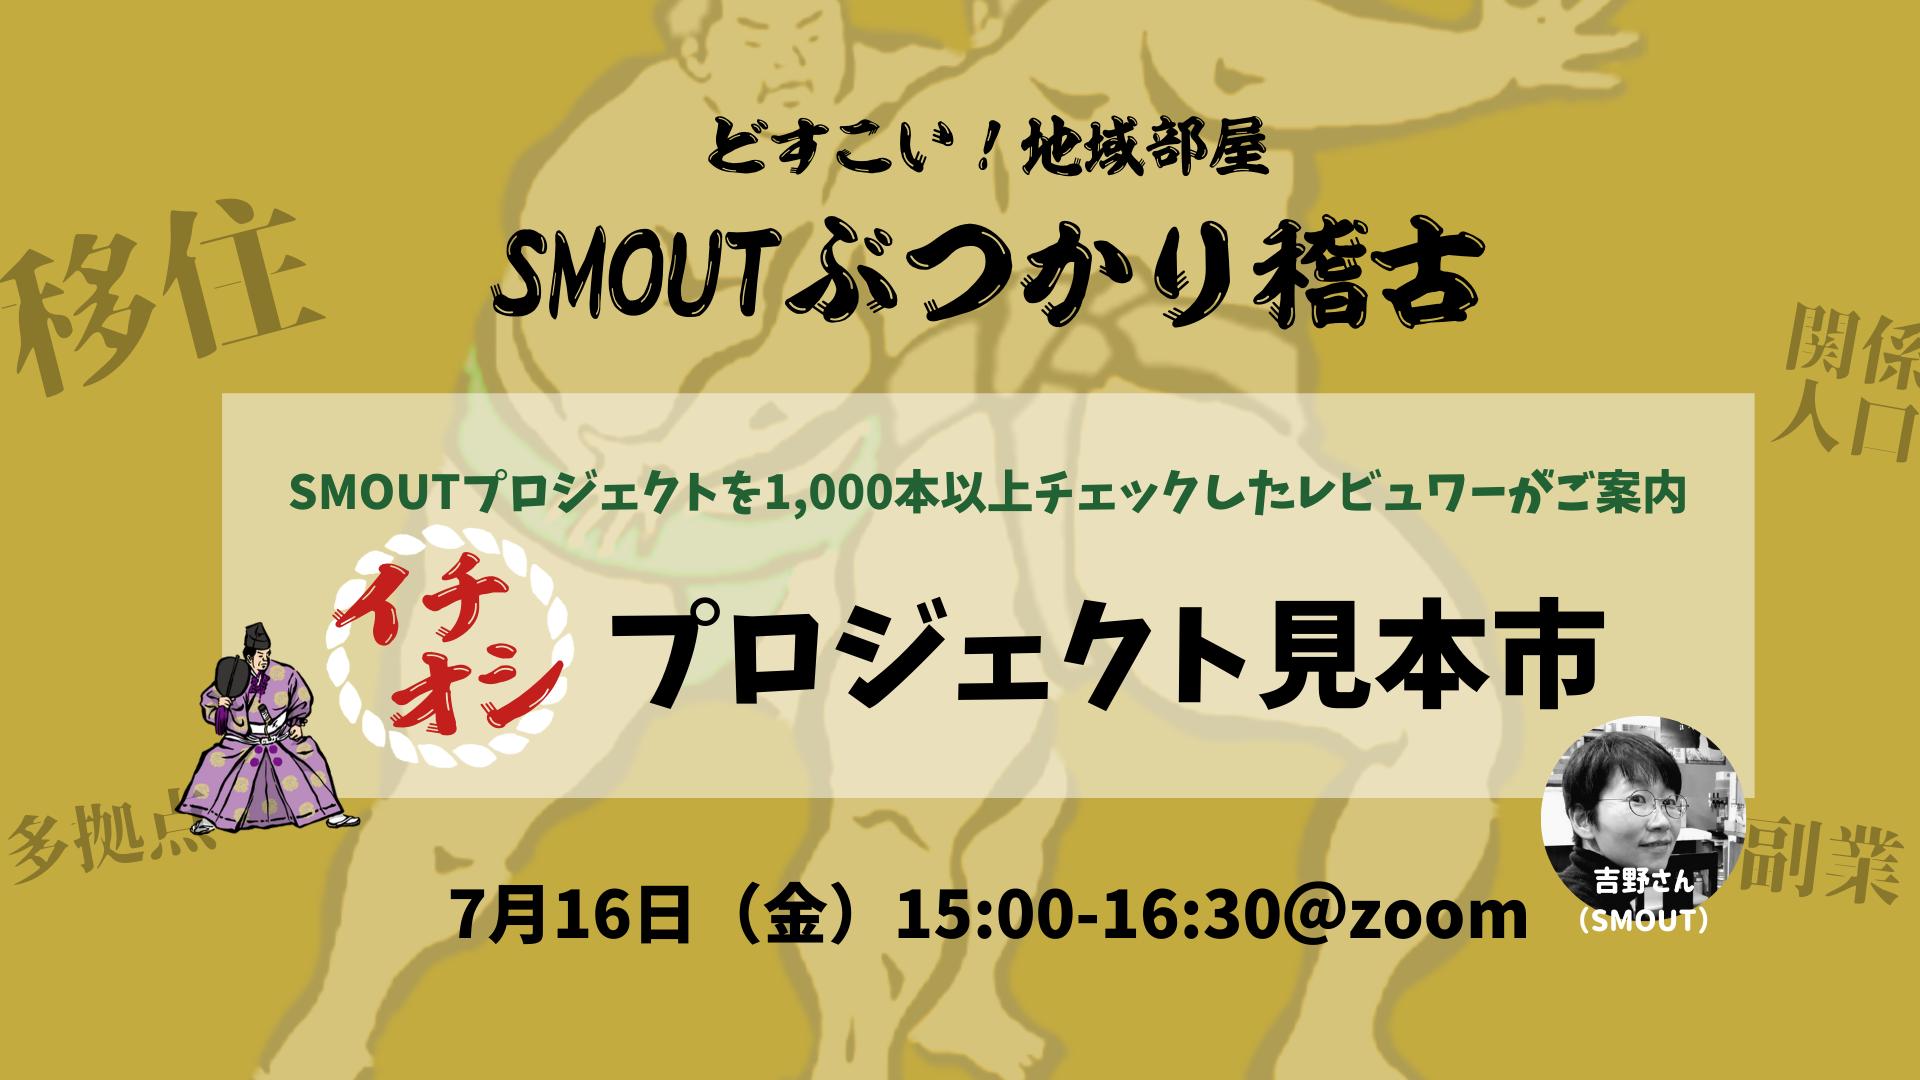 7/16 15時 ワークショップ「SMOUTプロジェクトを1,000本以上チェックしたレビュワーがご案内!イチオシプロジェクト見本市」